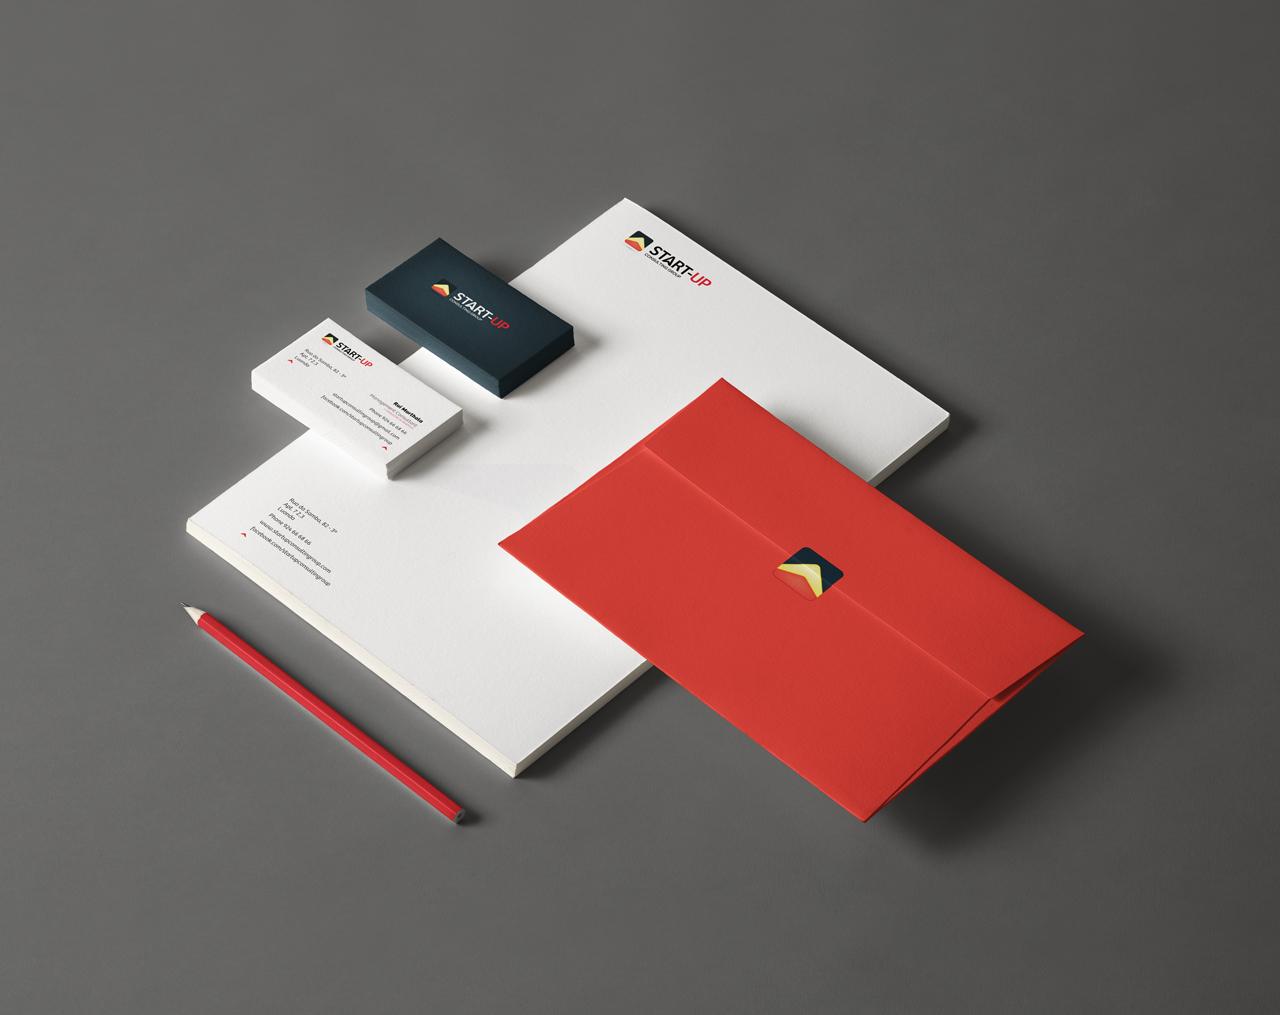 StartUp_stationery_portfolio